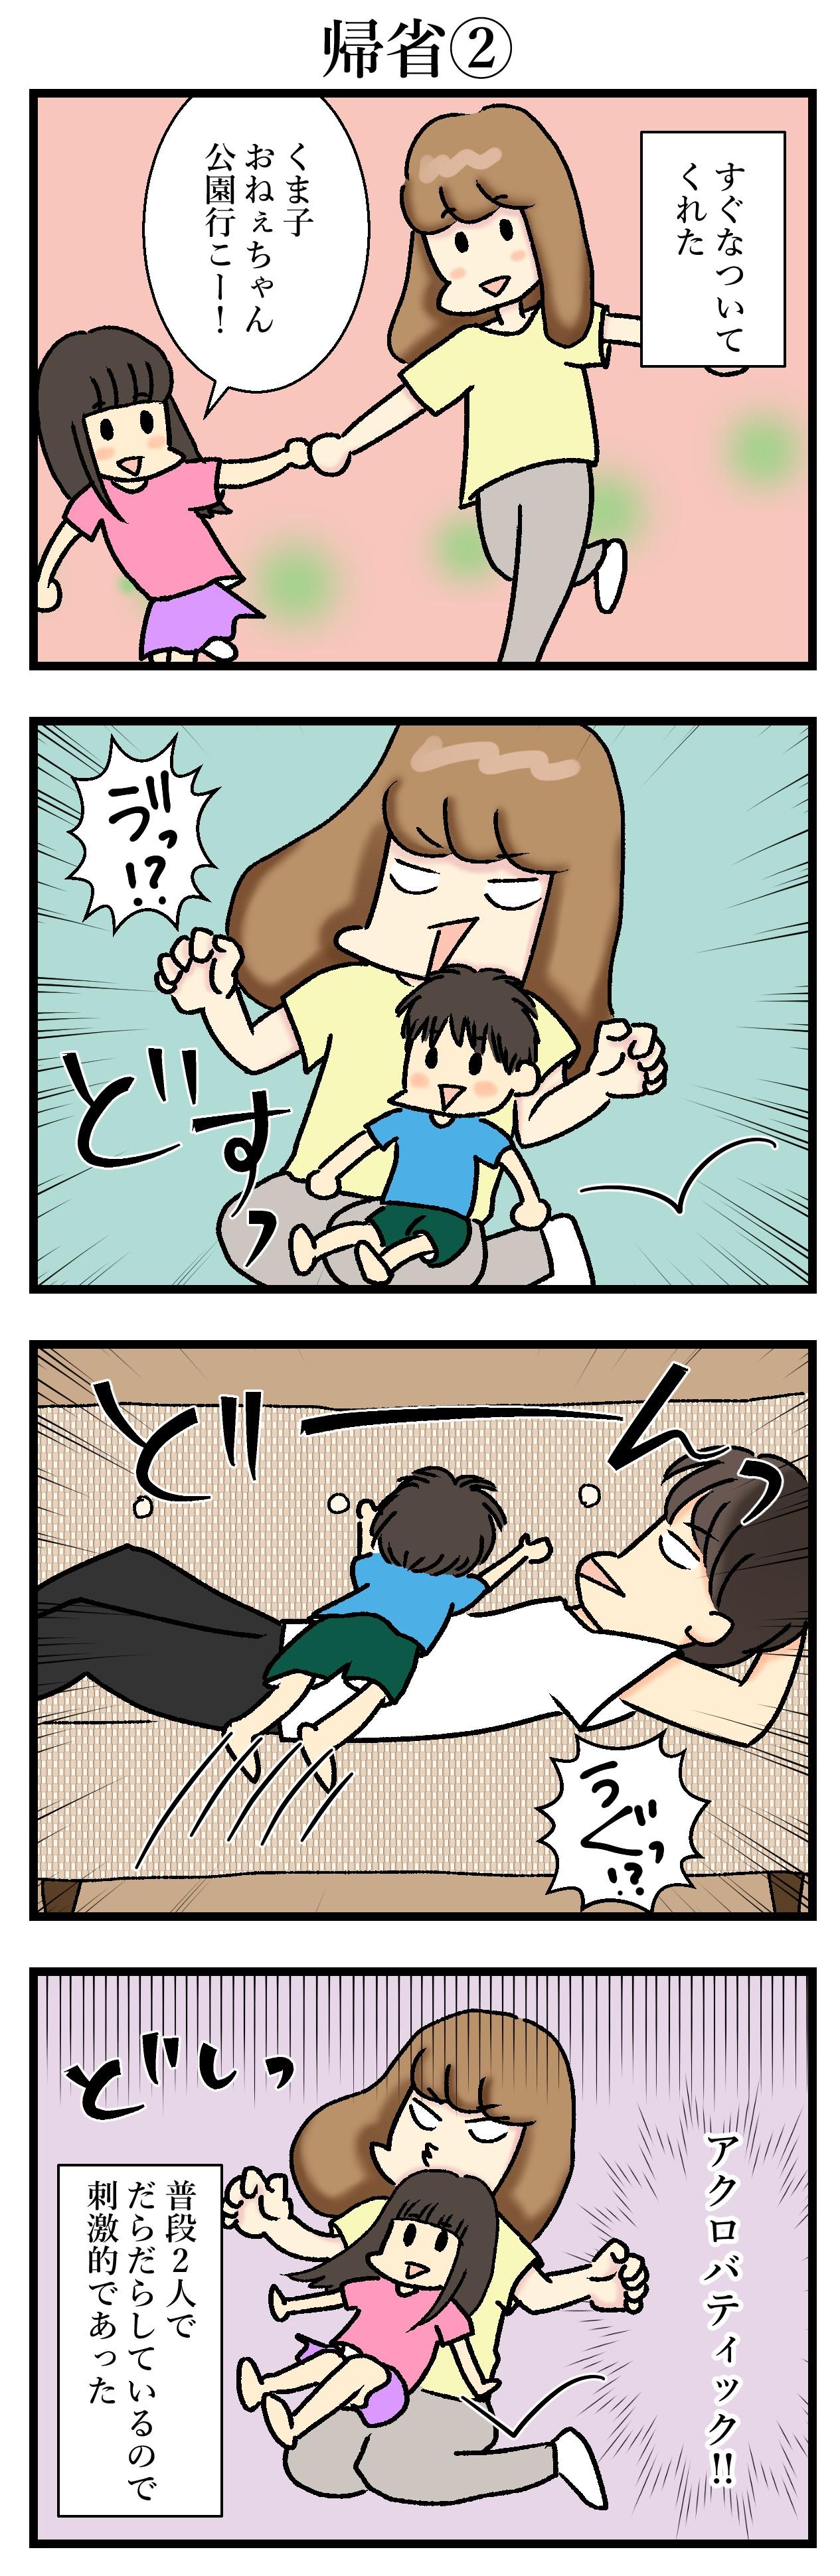 【エッセイ漫画】アラサー主婦くま子のふがいない日常(45)